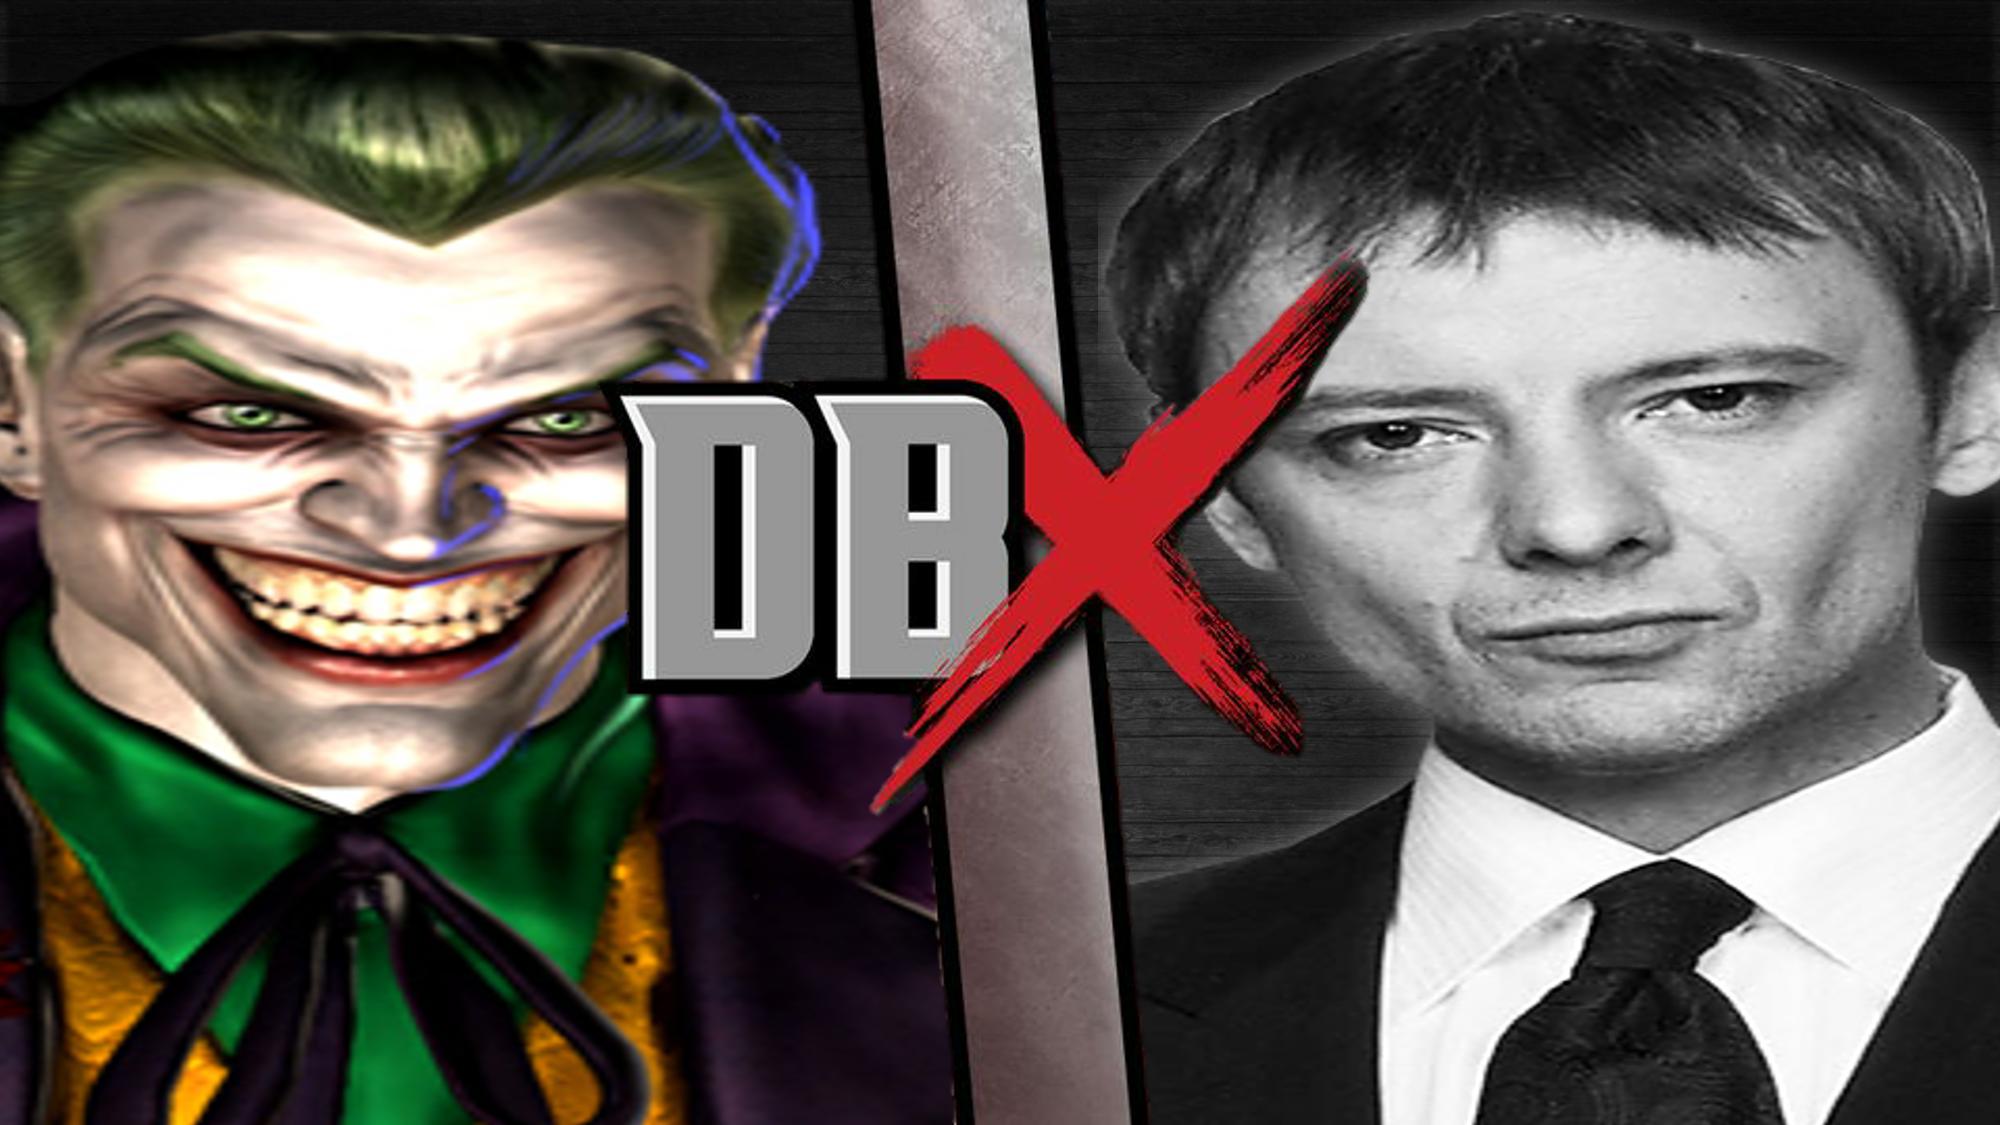 Joker Master